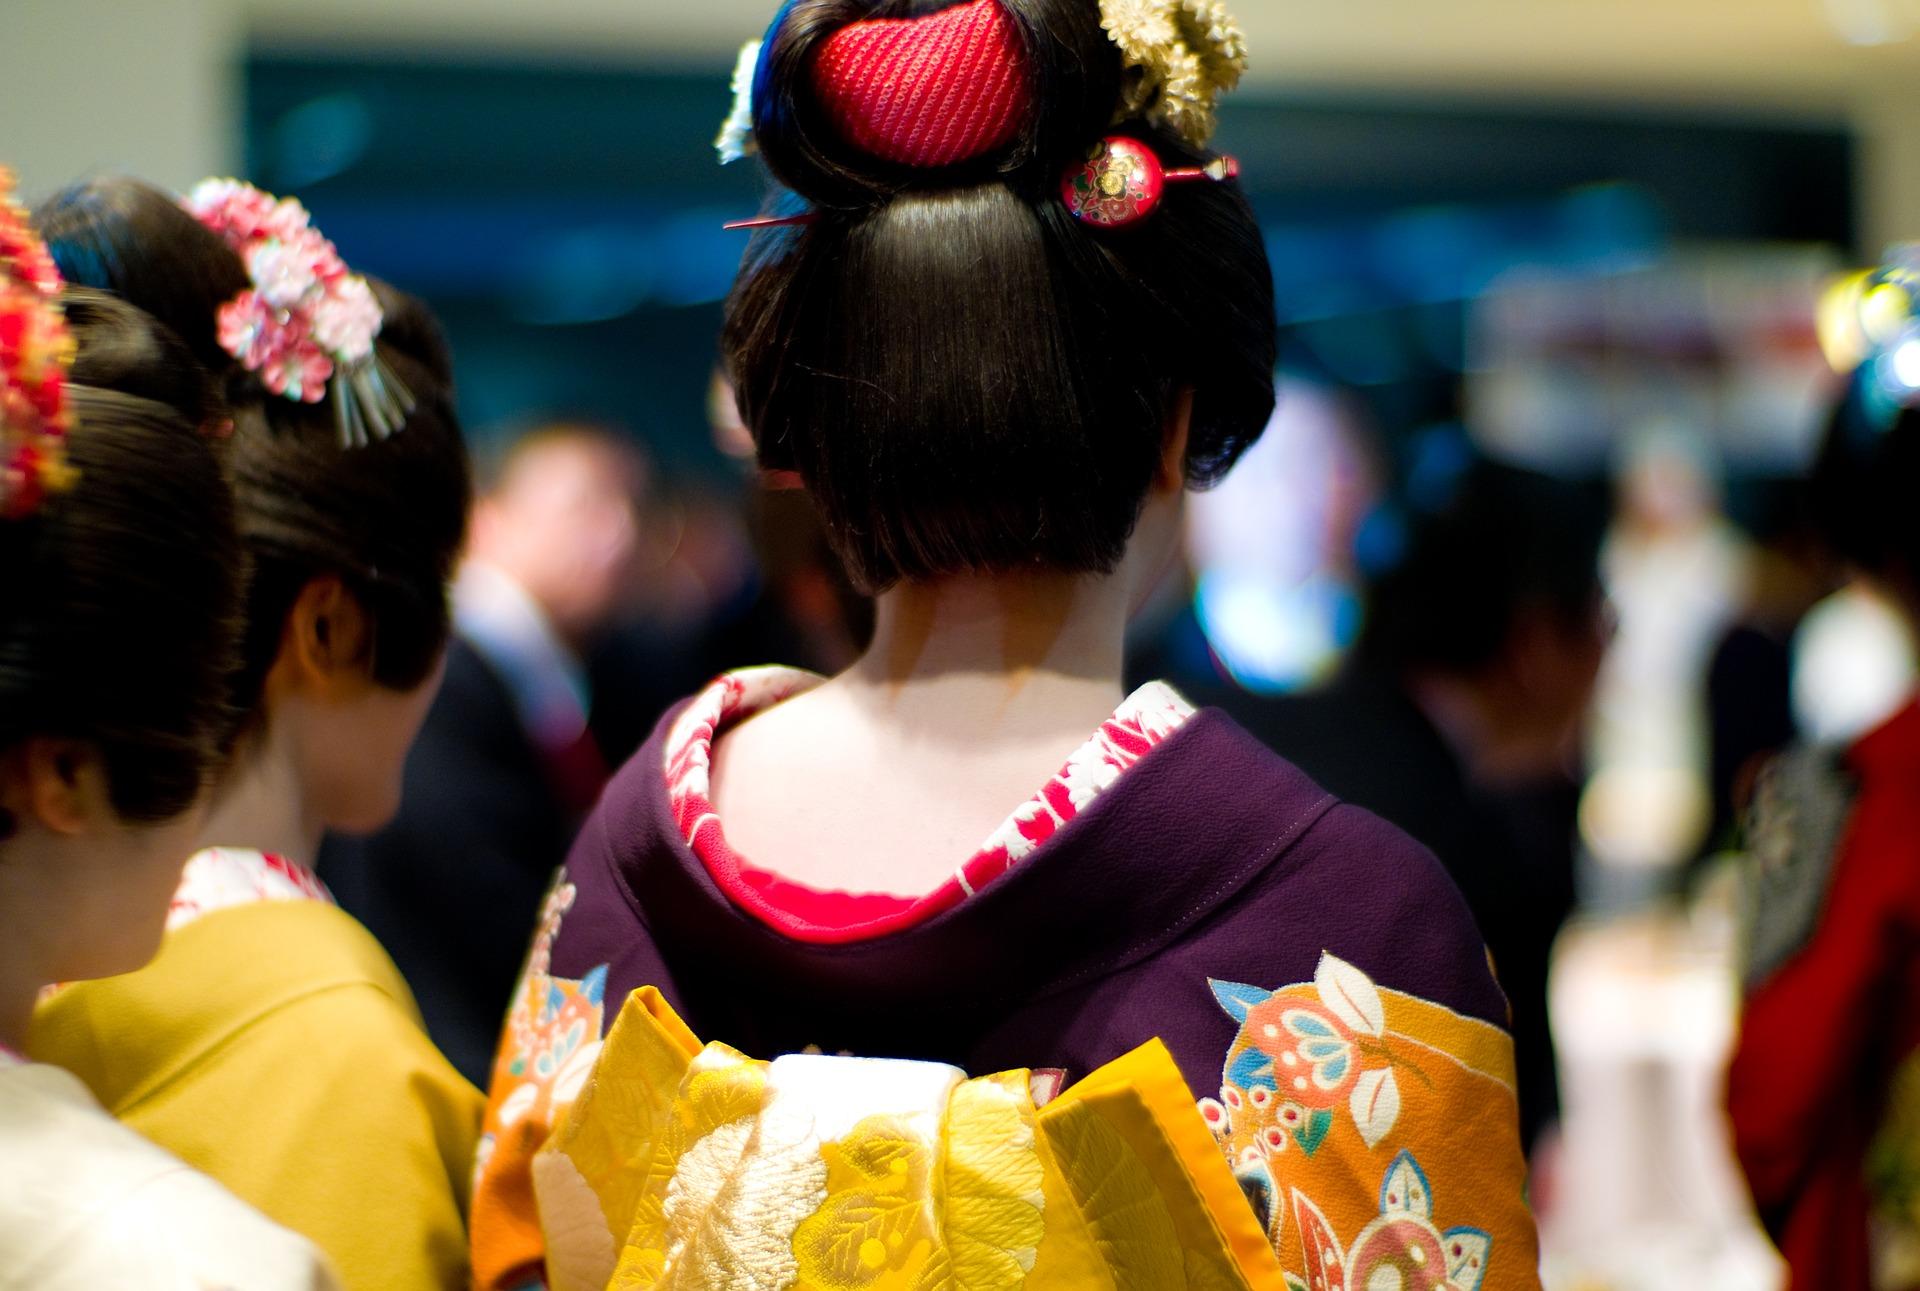 Geisha 4076290 1920